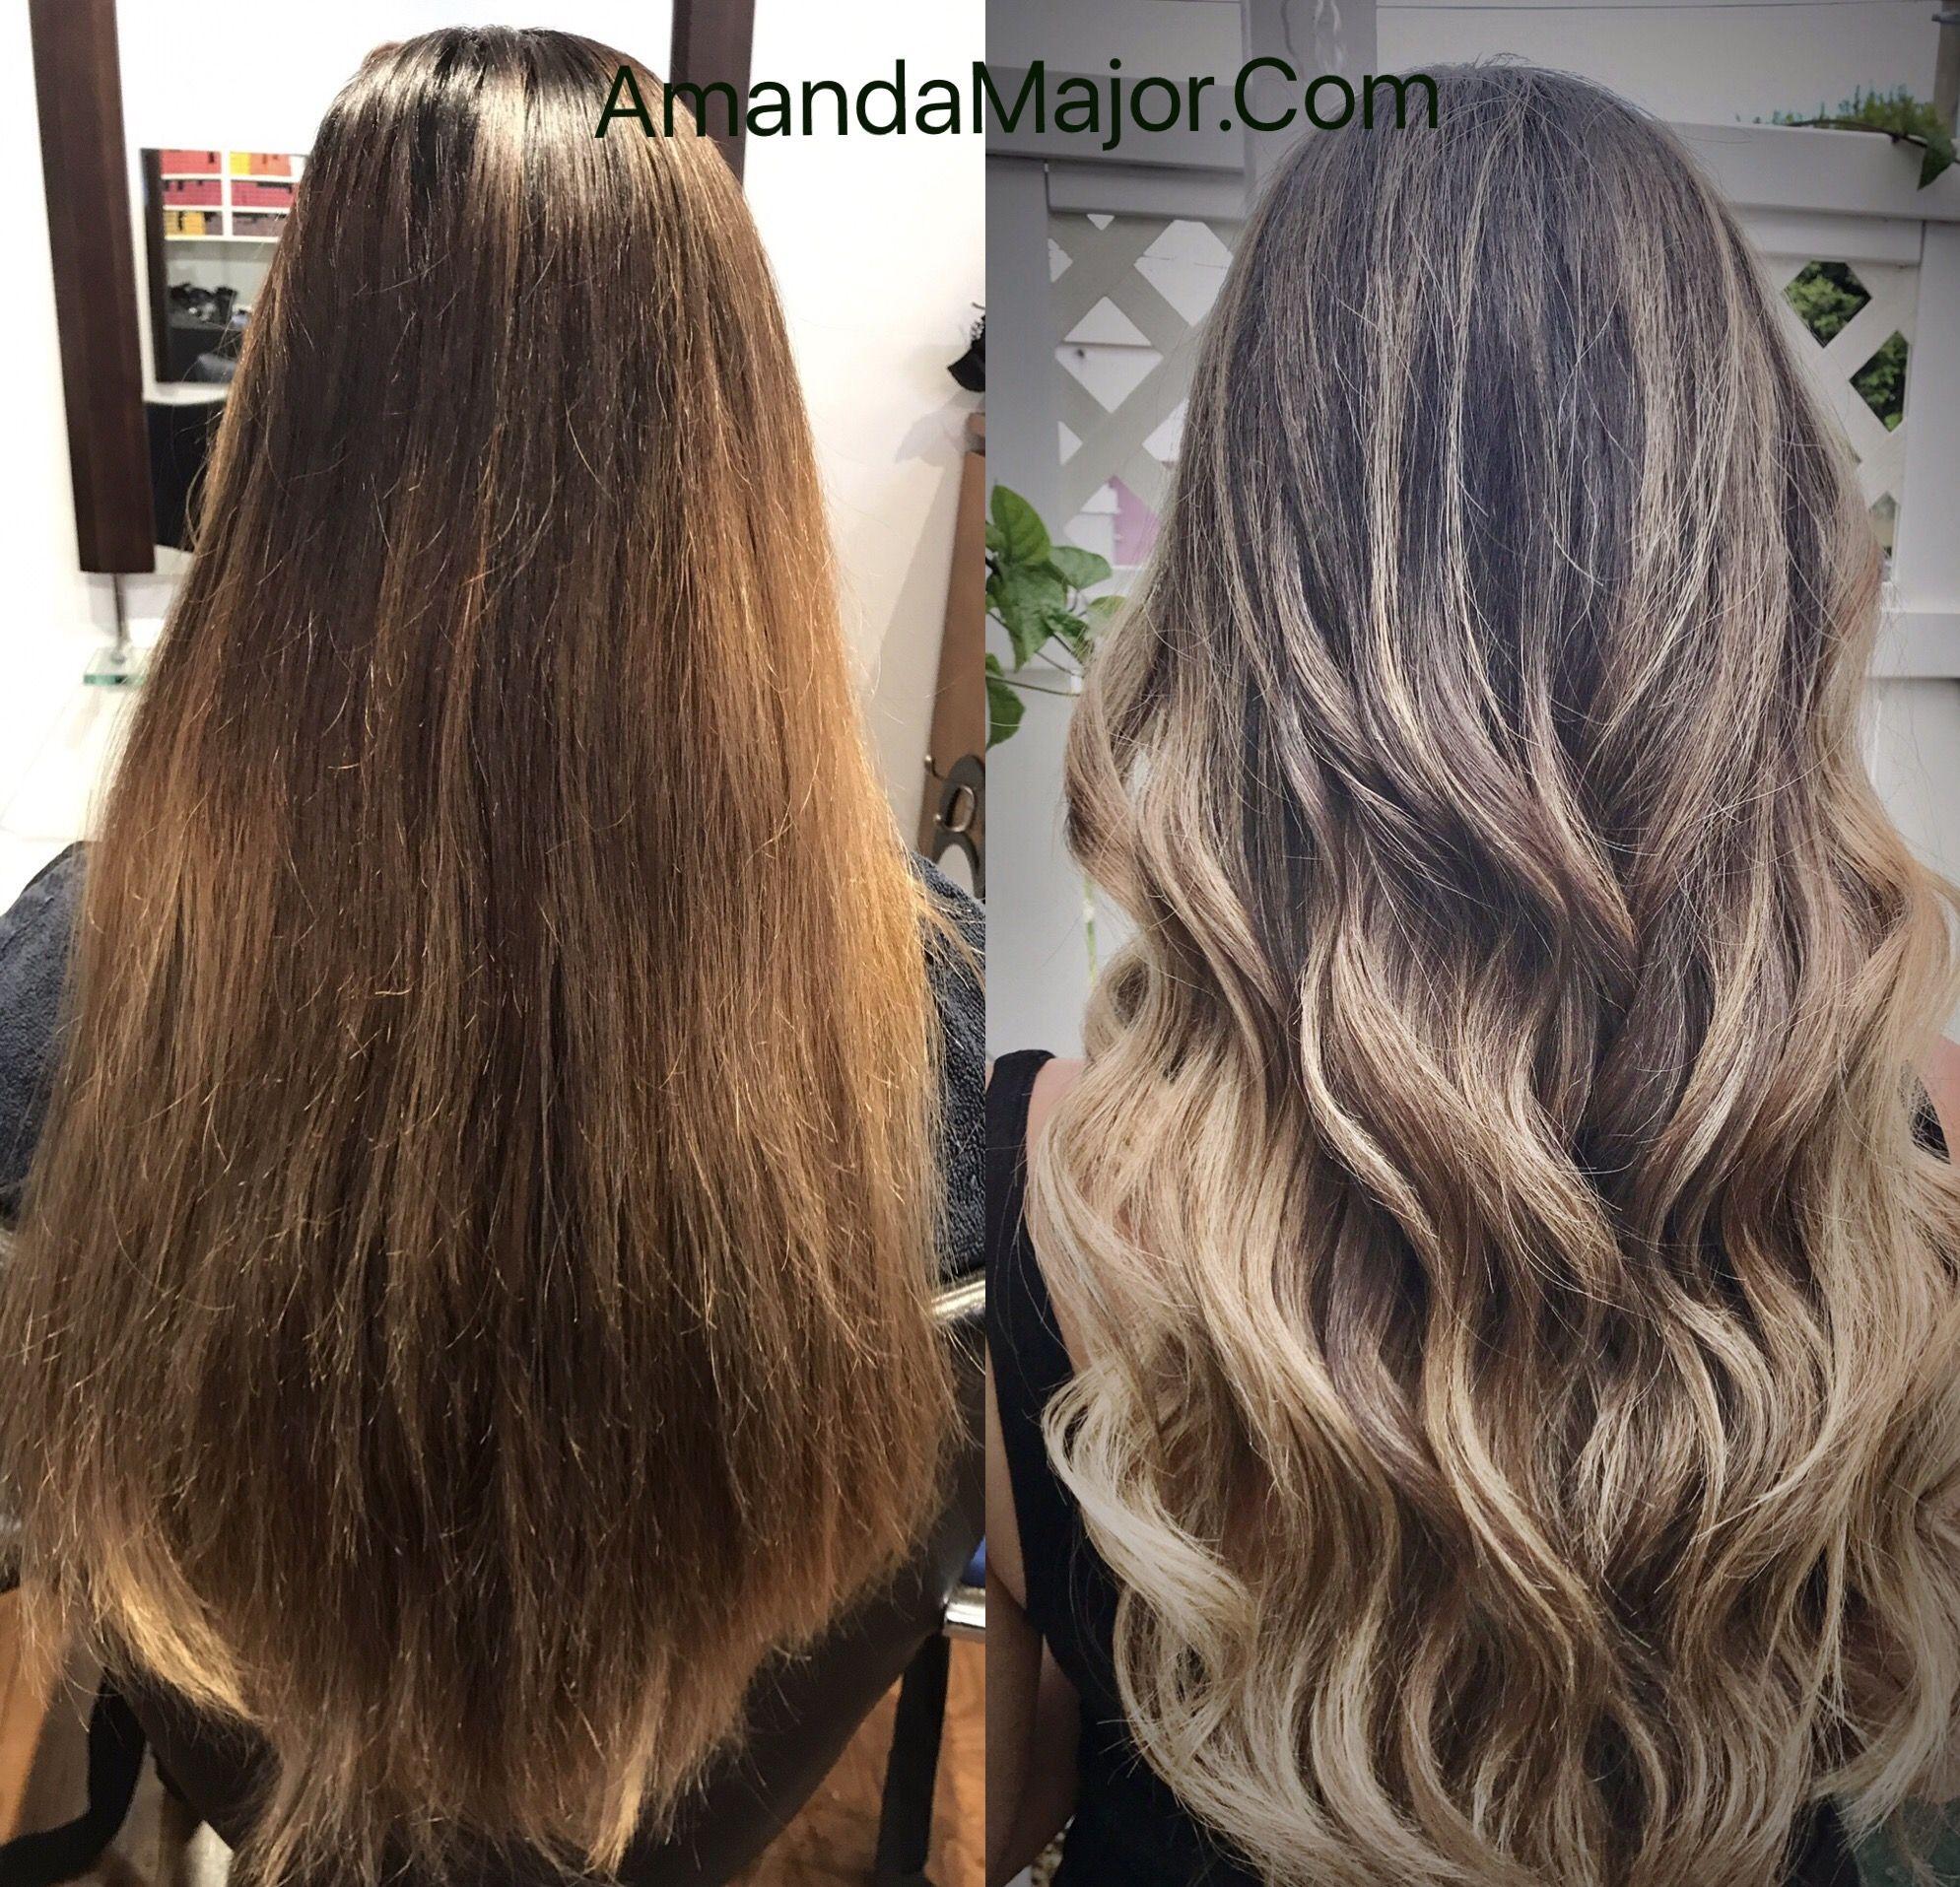 Balayage Highlights On Asian Hair Amandamajor Delray Boca